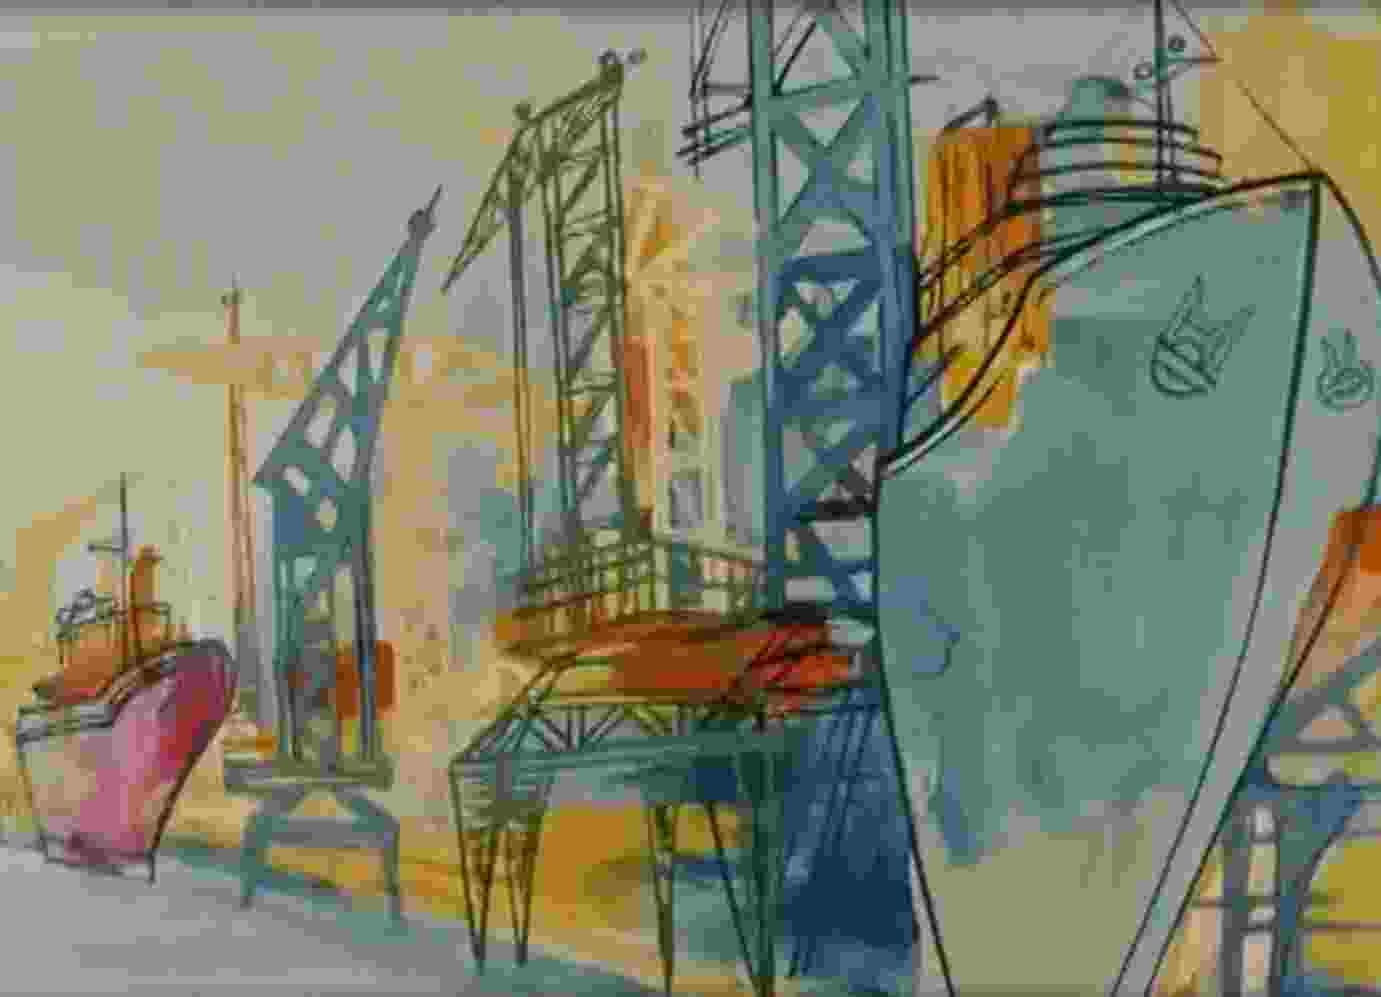 Исполнилось 45 лет известному советскому мультфильму, который посвящен новороссийскому порту